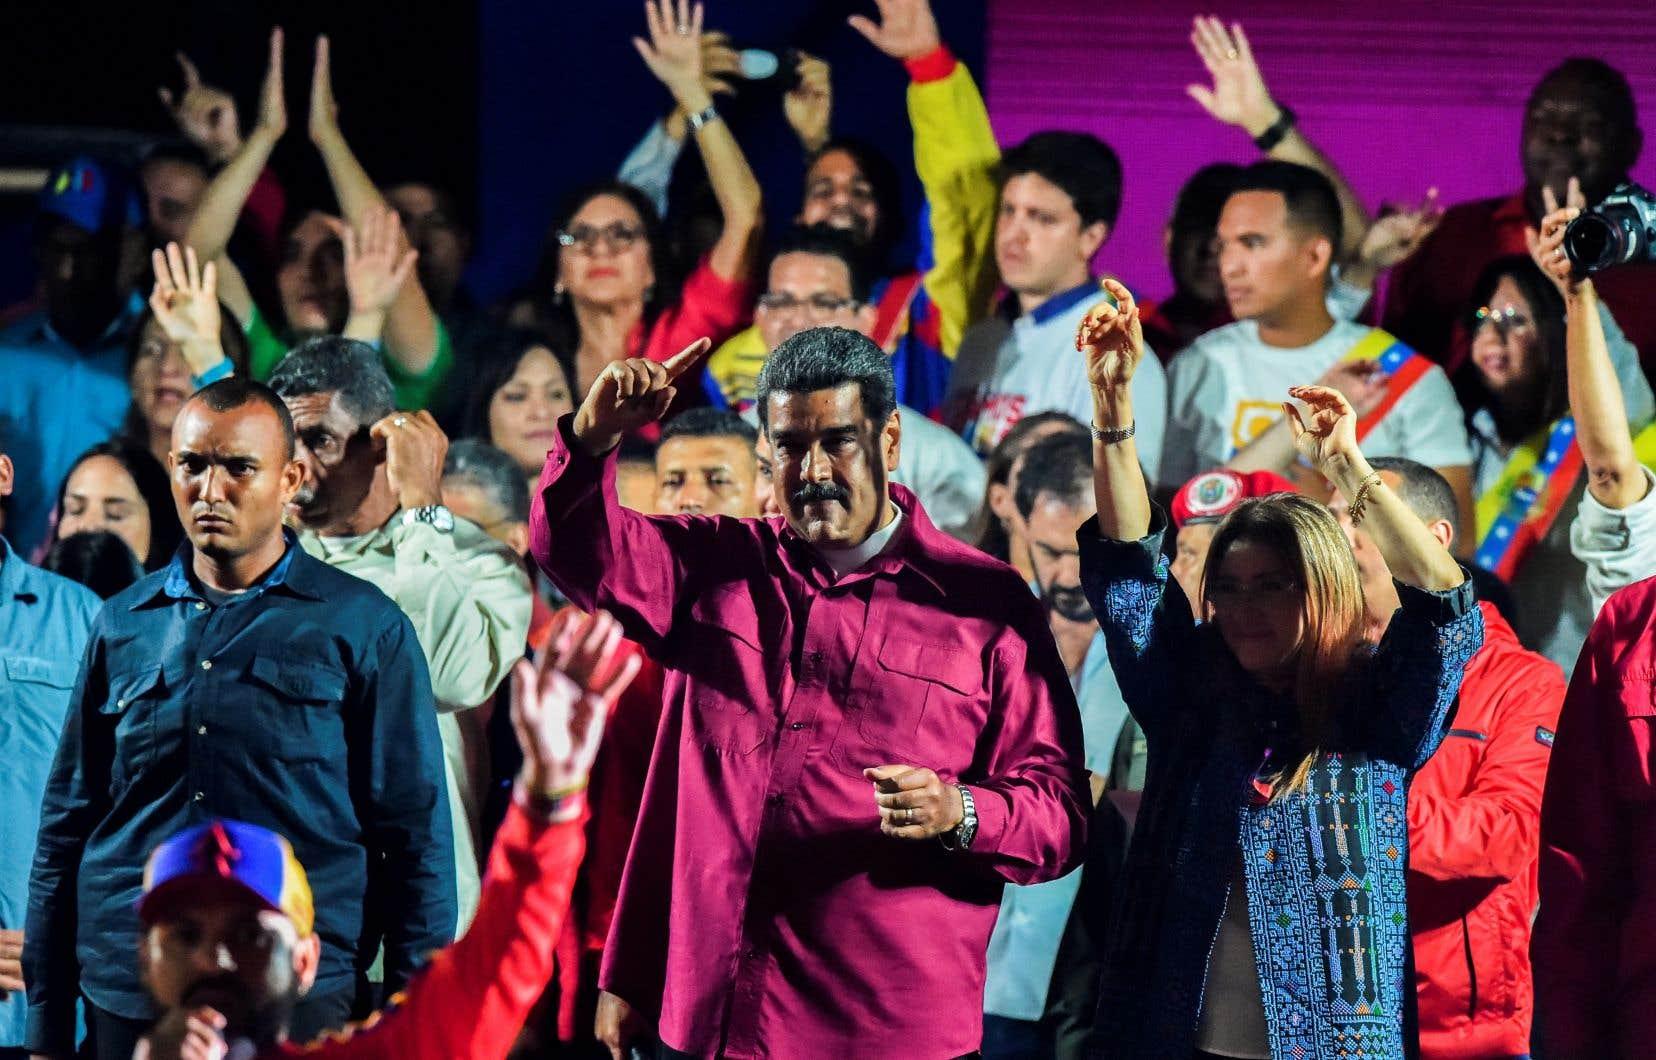 Les récents résutats devraient permettre à Nicolas Maduro de demeurer à la tête du pays jusqu'en 2025.